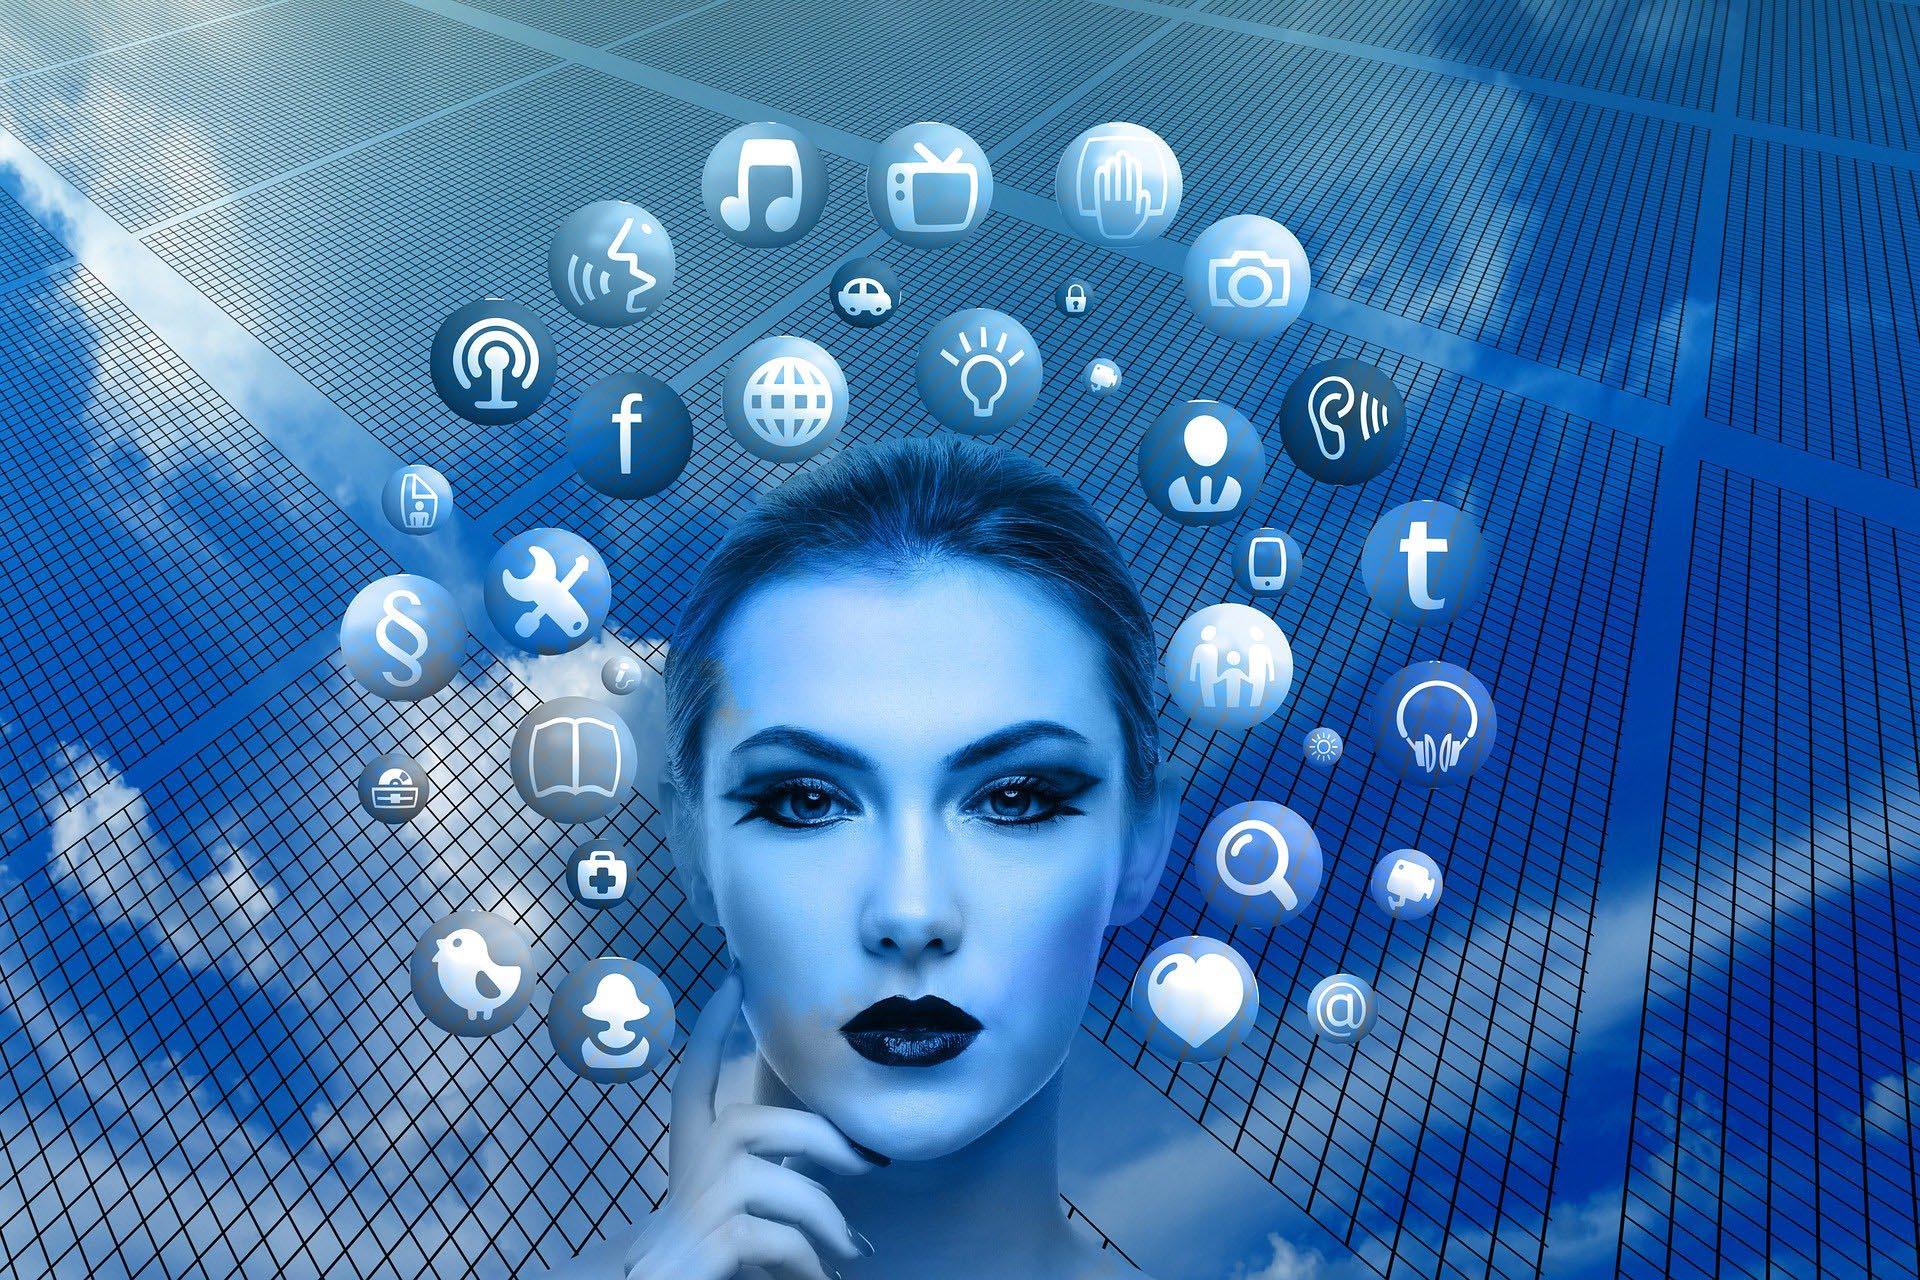 Inclusão digital: Conexão estabelecida com a transformação cultural